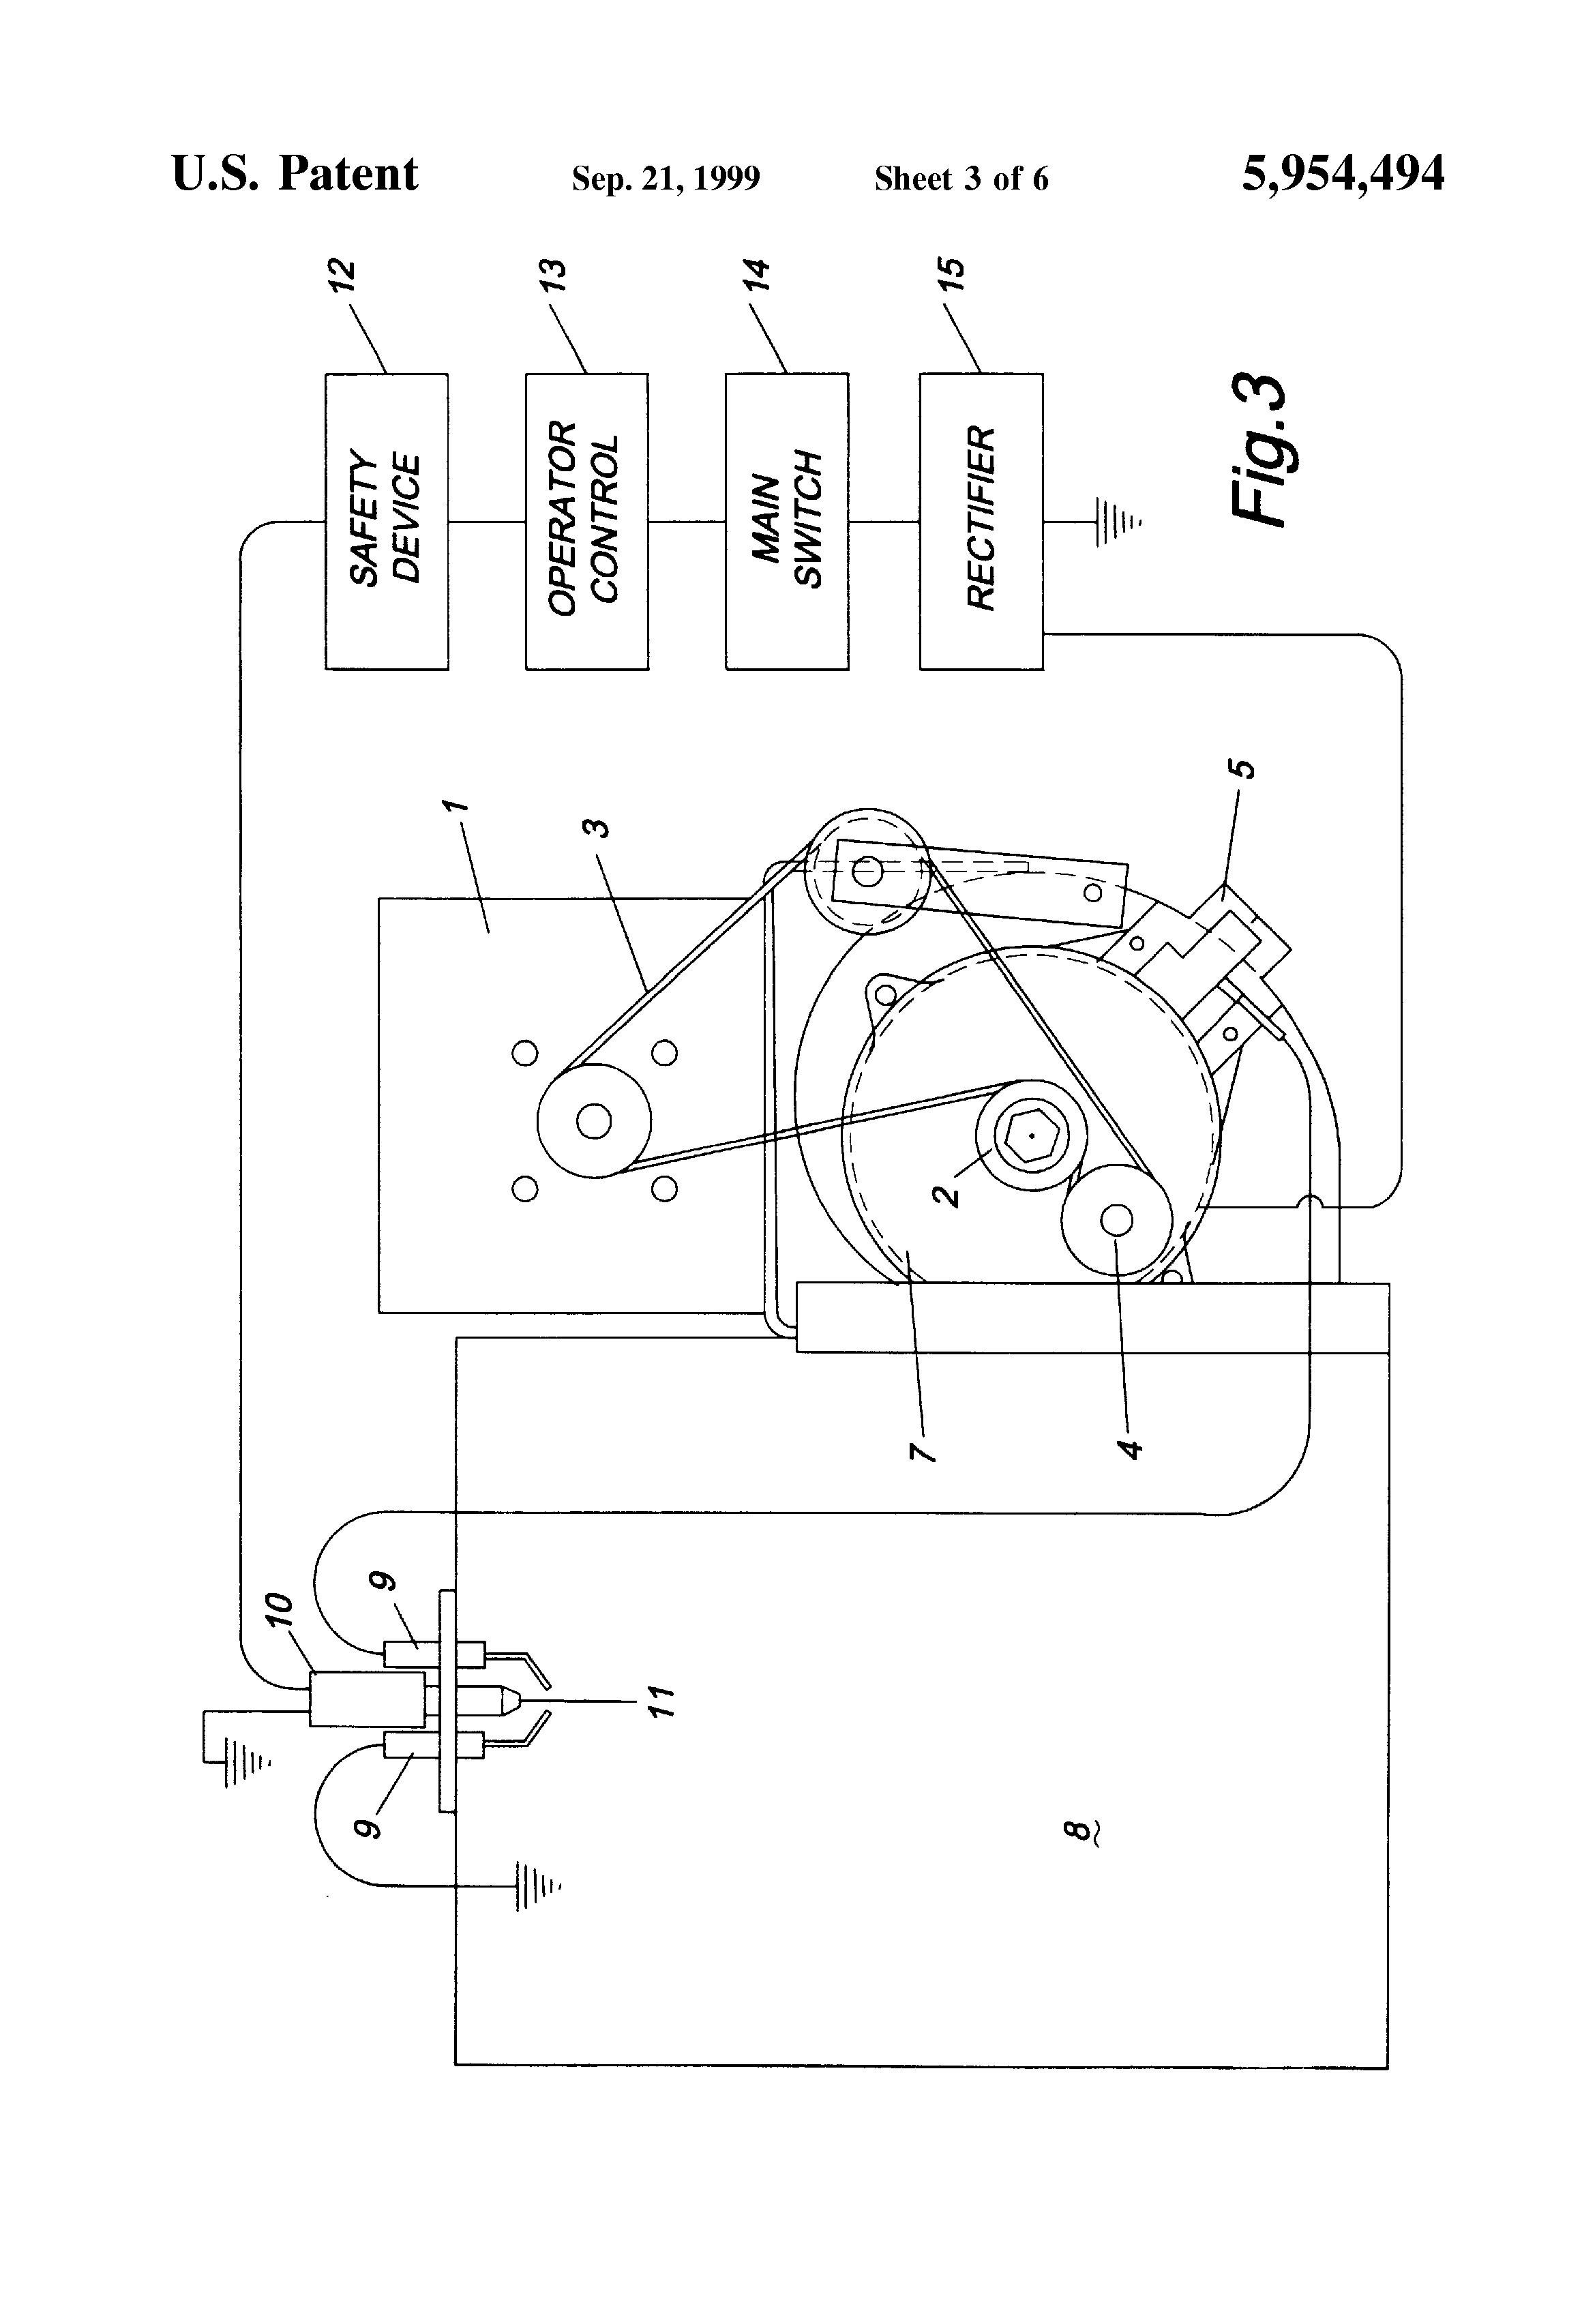 Burner Wiring Diagram U22c6 Envirospec Manual Guide